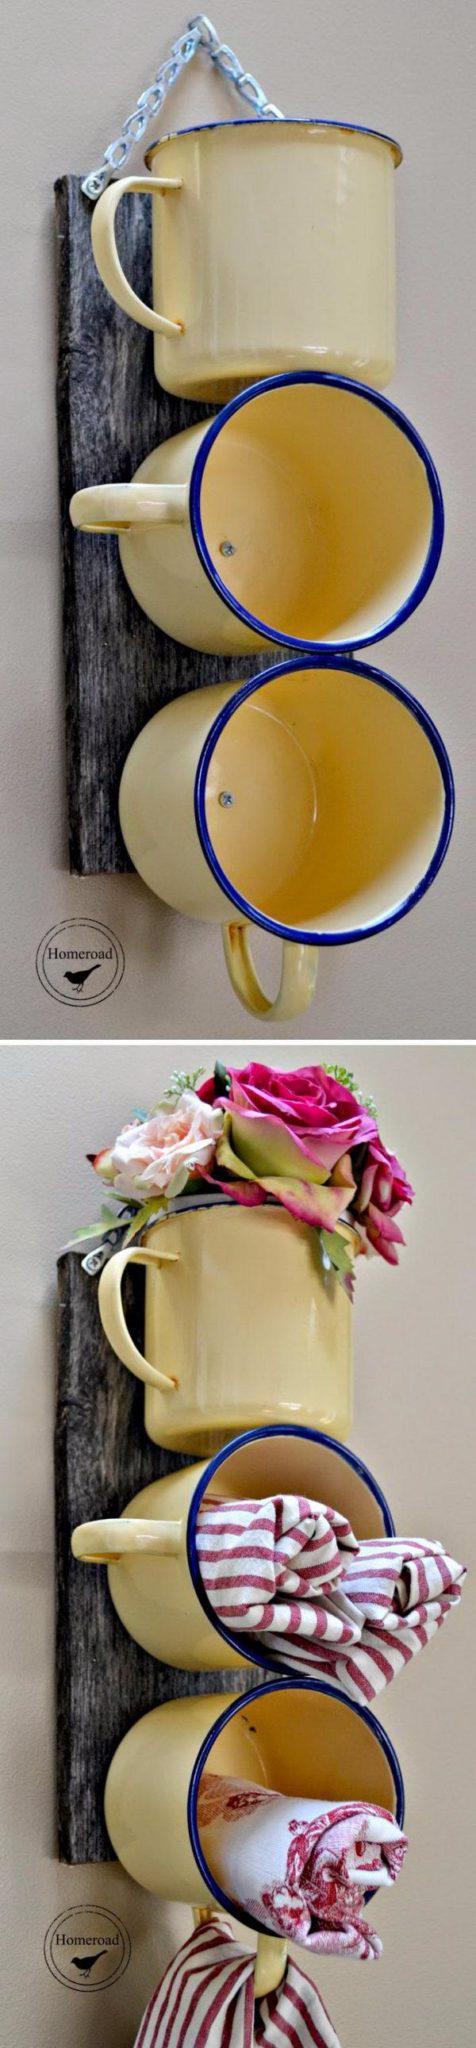 image7-49 | 20 творческих идей организации хранения на кухне